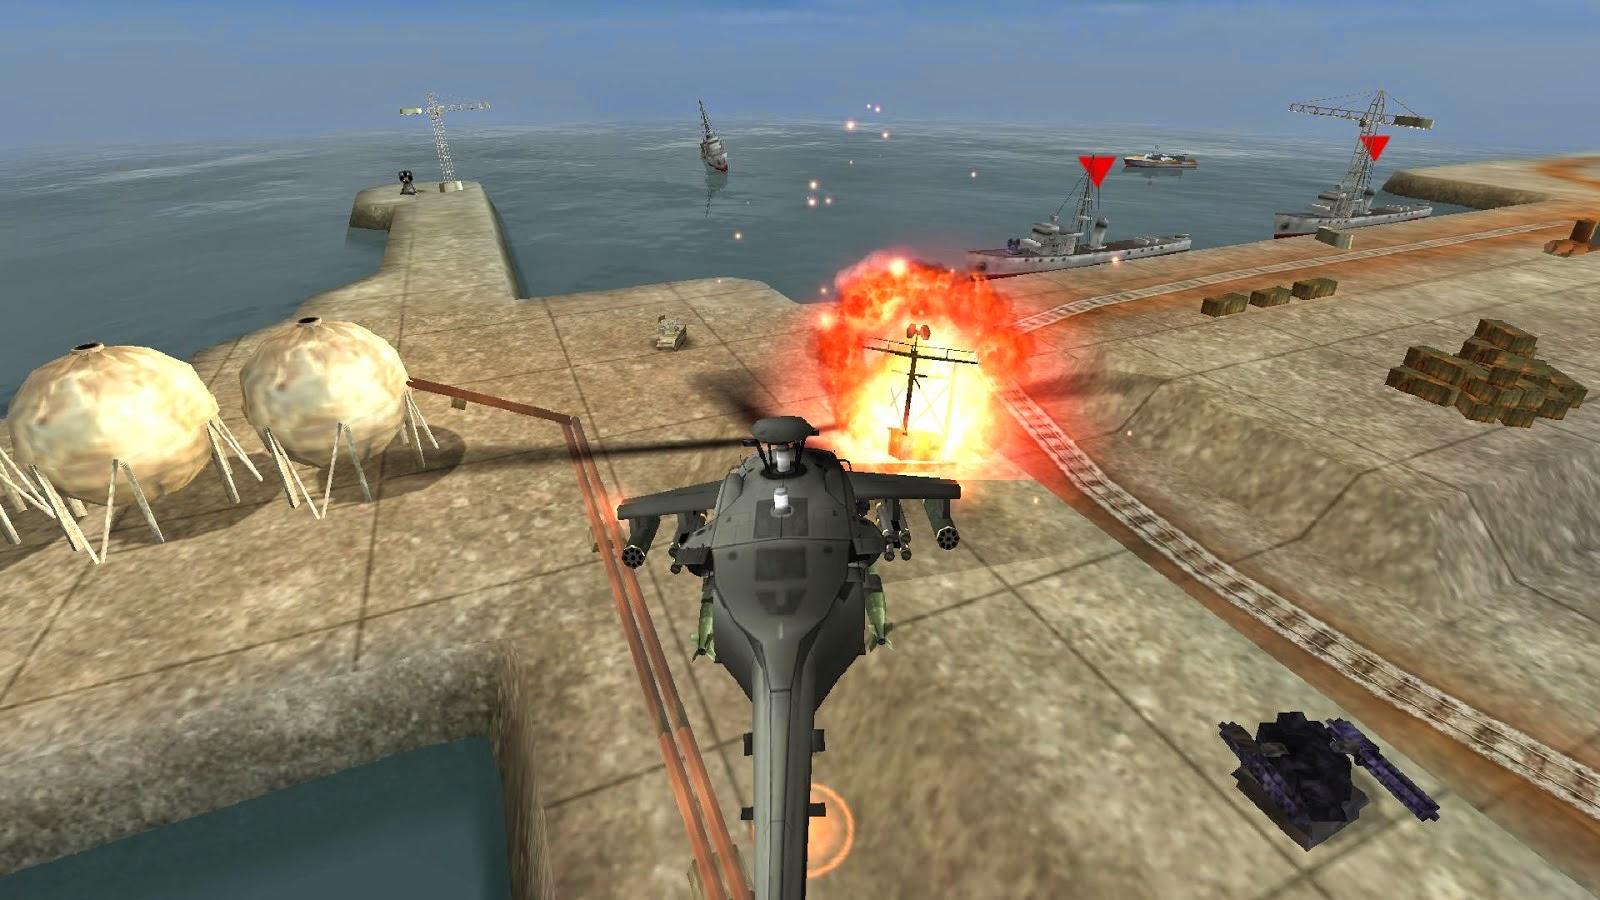 لعبة الهليكوبتر الرائعة Gunship battle Helicopter مهكرة للاندرويد